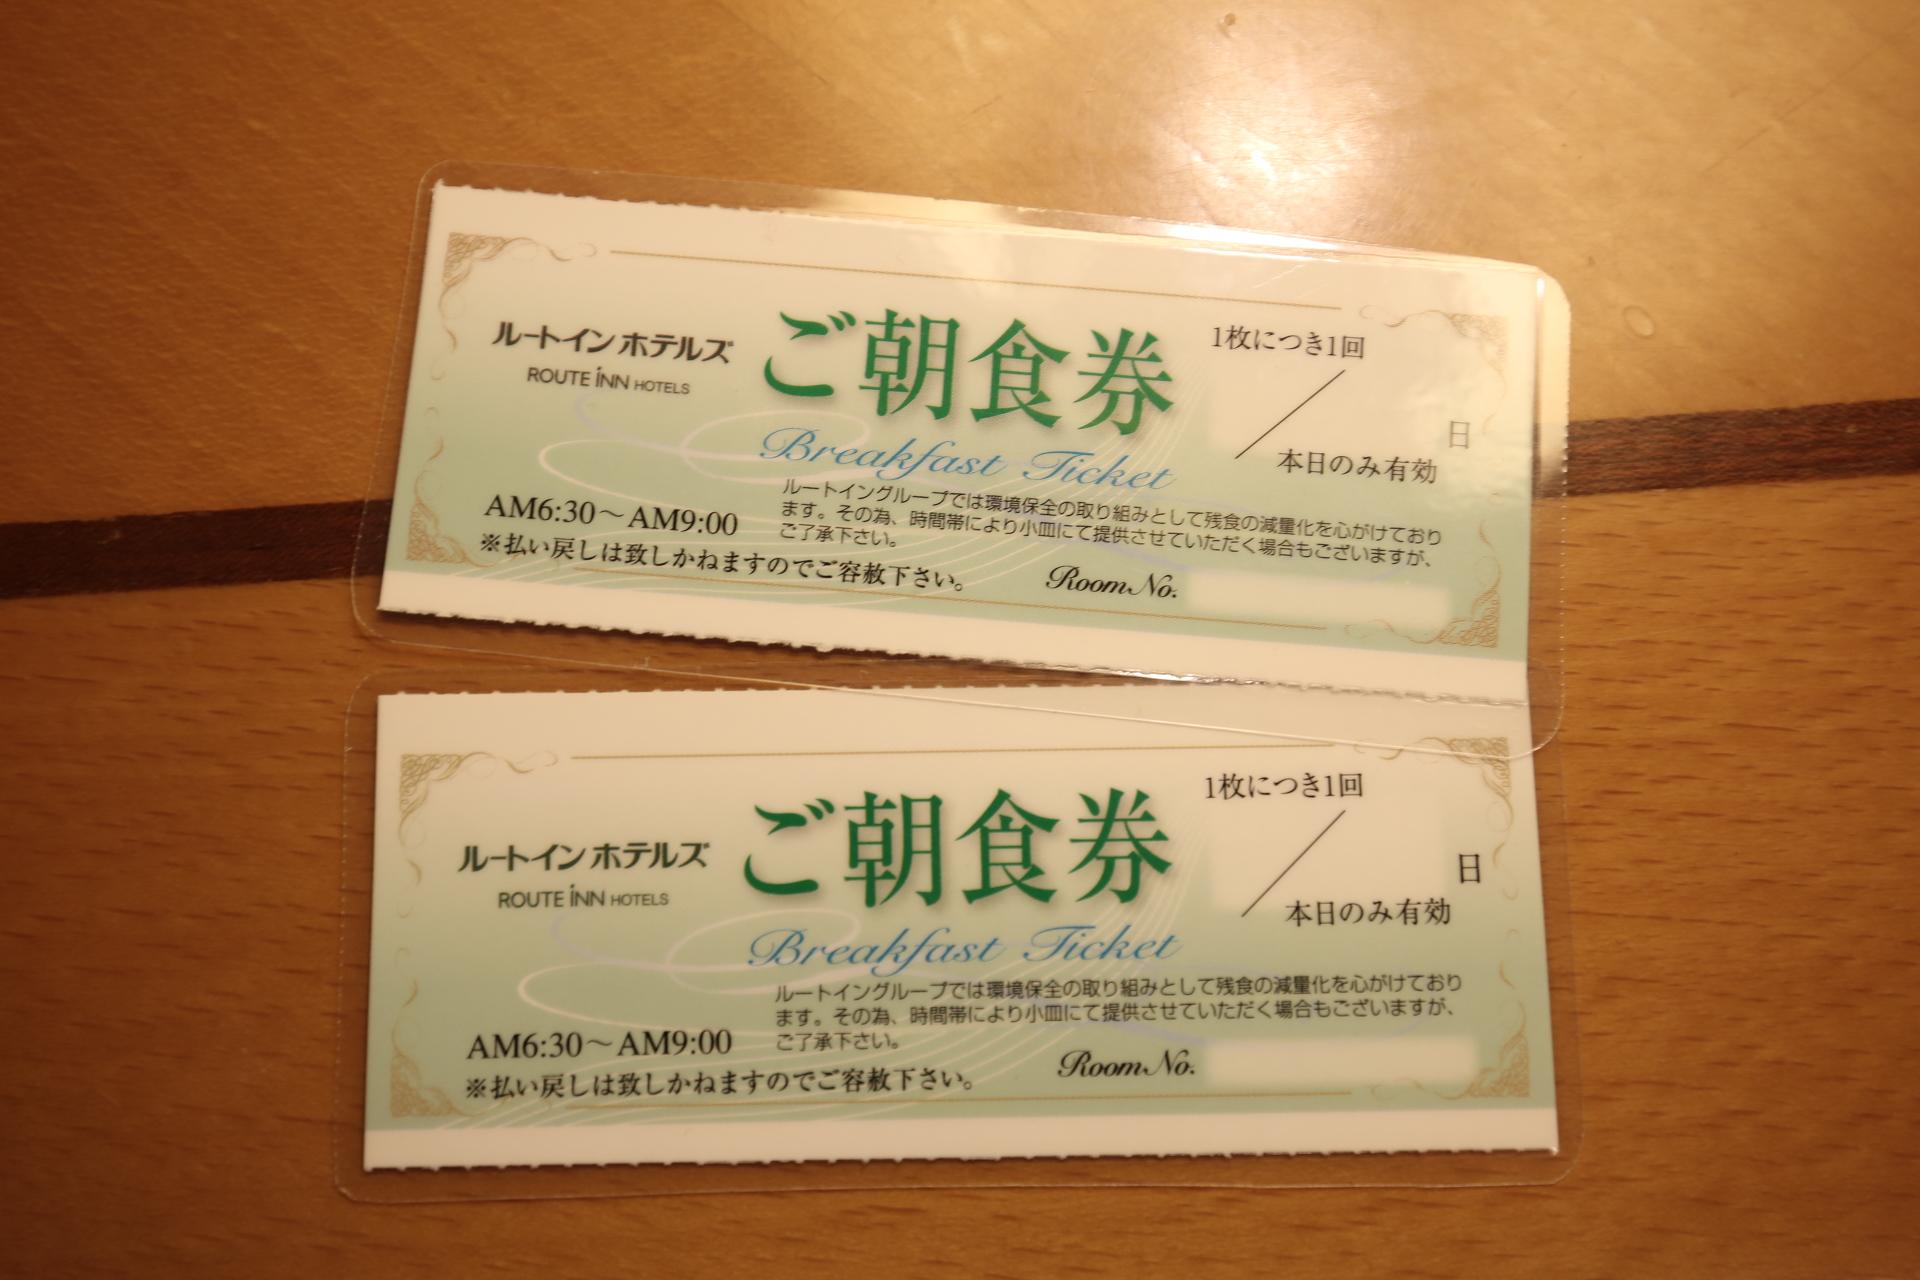 【日本青森Route Inn】青森車站住宿推薦,飯店早餐大浴場都免費 @小環妞 幸福足跡